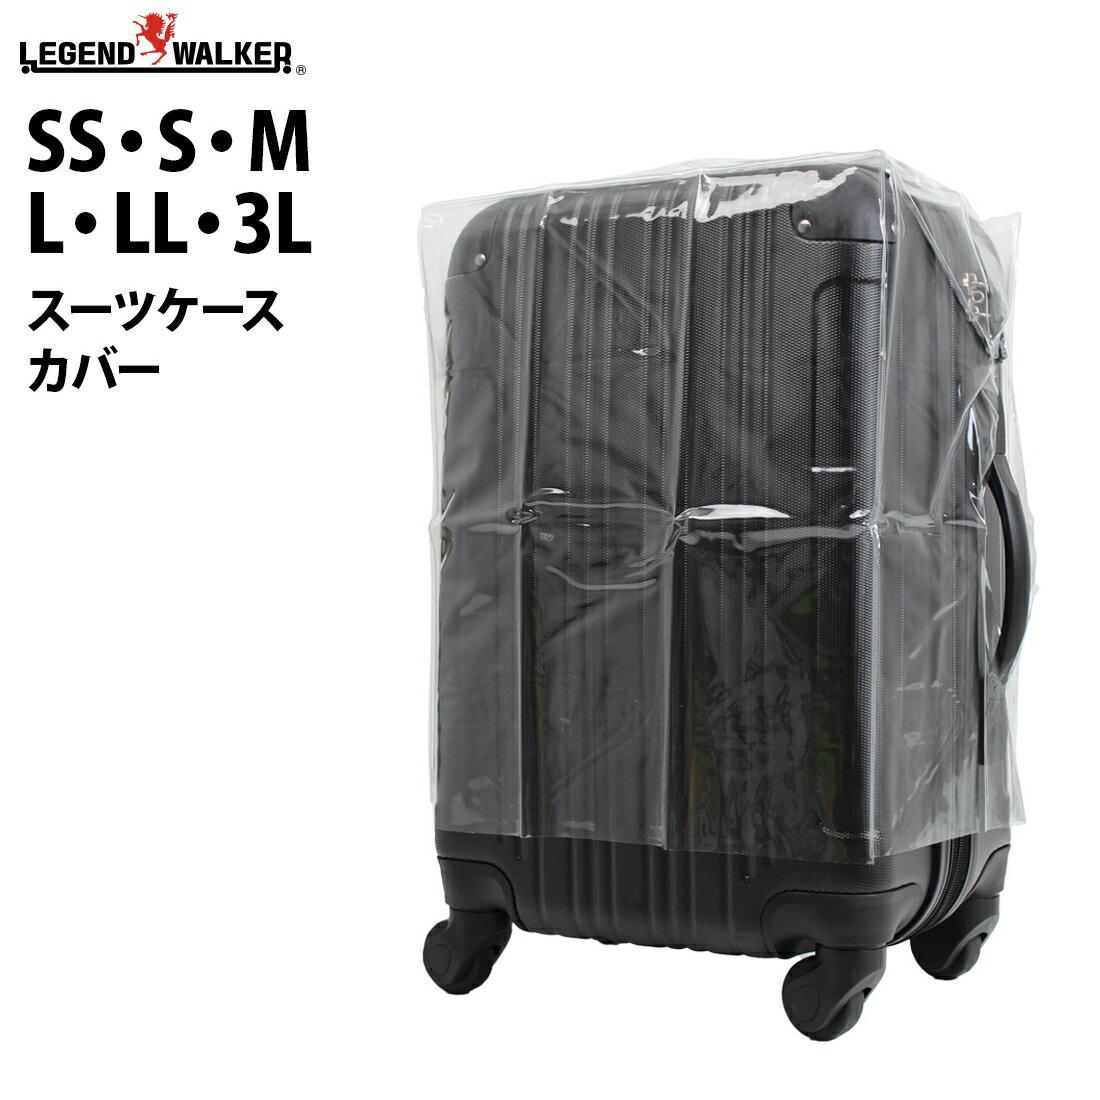 旅行用品, その他  SS S M L LL 3L W-COVER